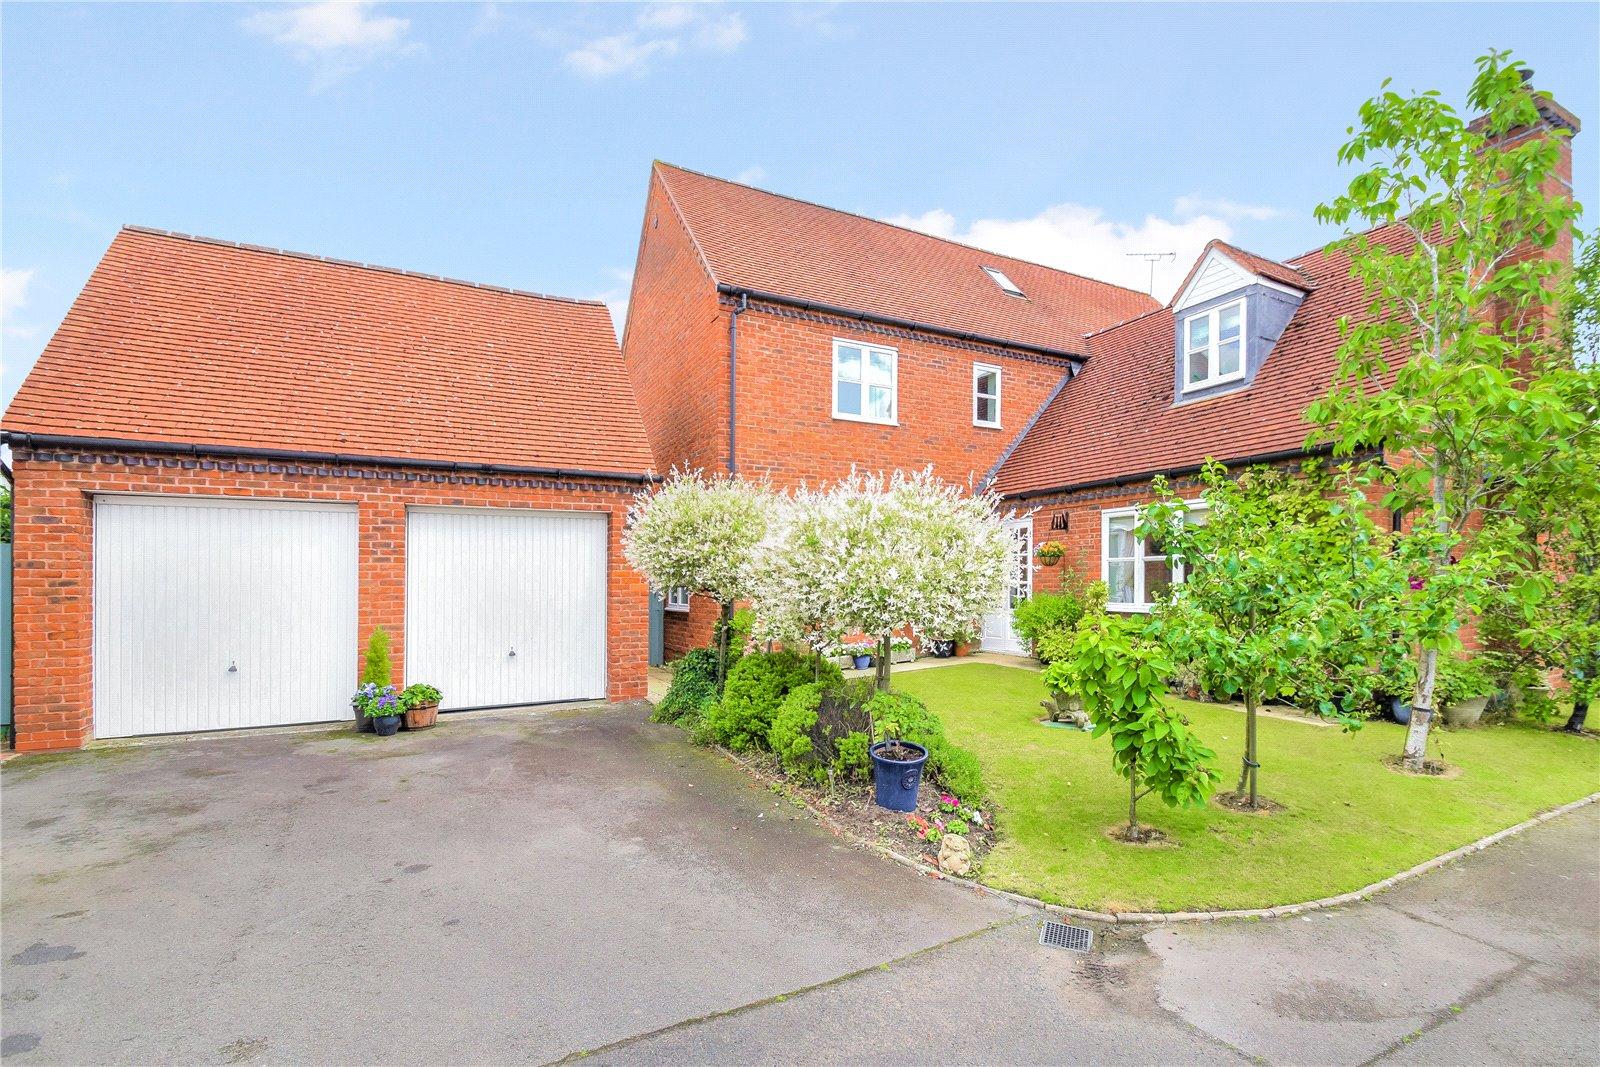 8 Ledwyche Close, Middleton, Ludlow, Shropshire, SY8